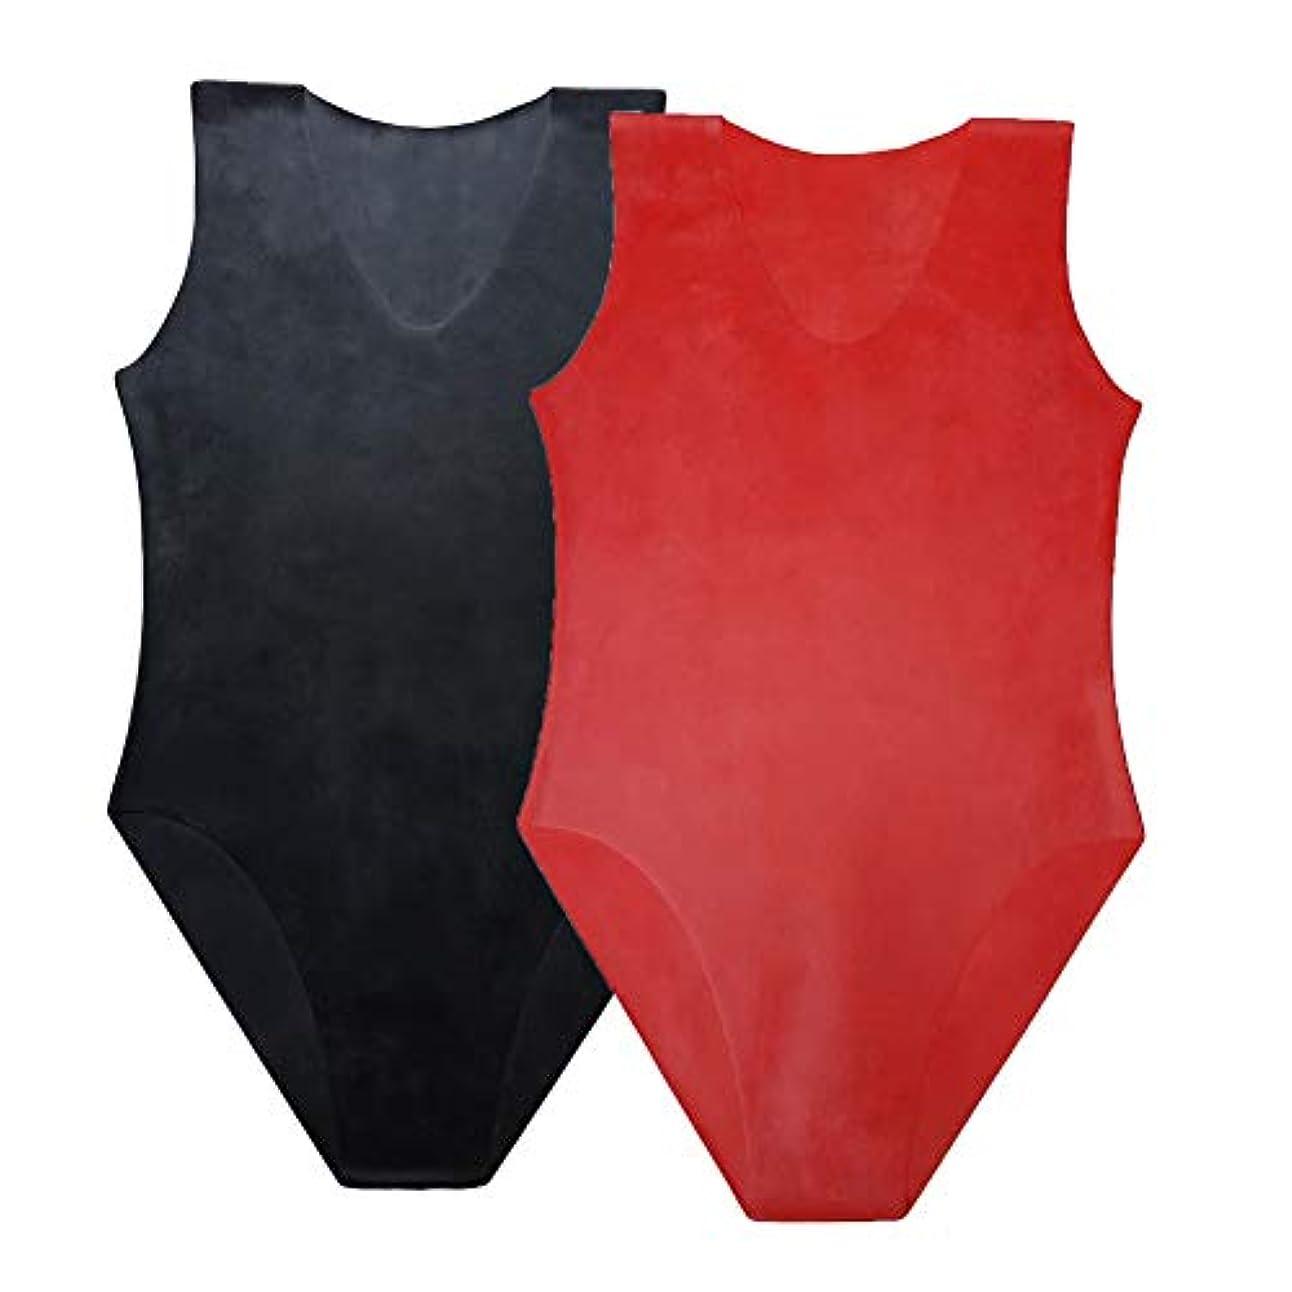 共和国なくなる一節EXLATEX ラテックス ボディスーツ 女性水着 ラテックス ラバー グミ レオタード ブラック ラテックス キャットスーツ